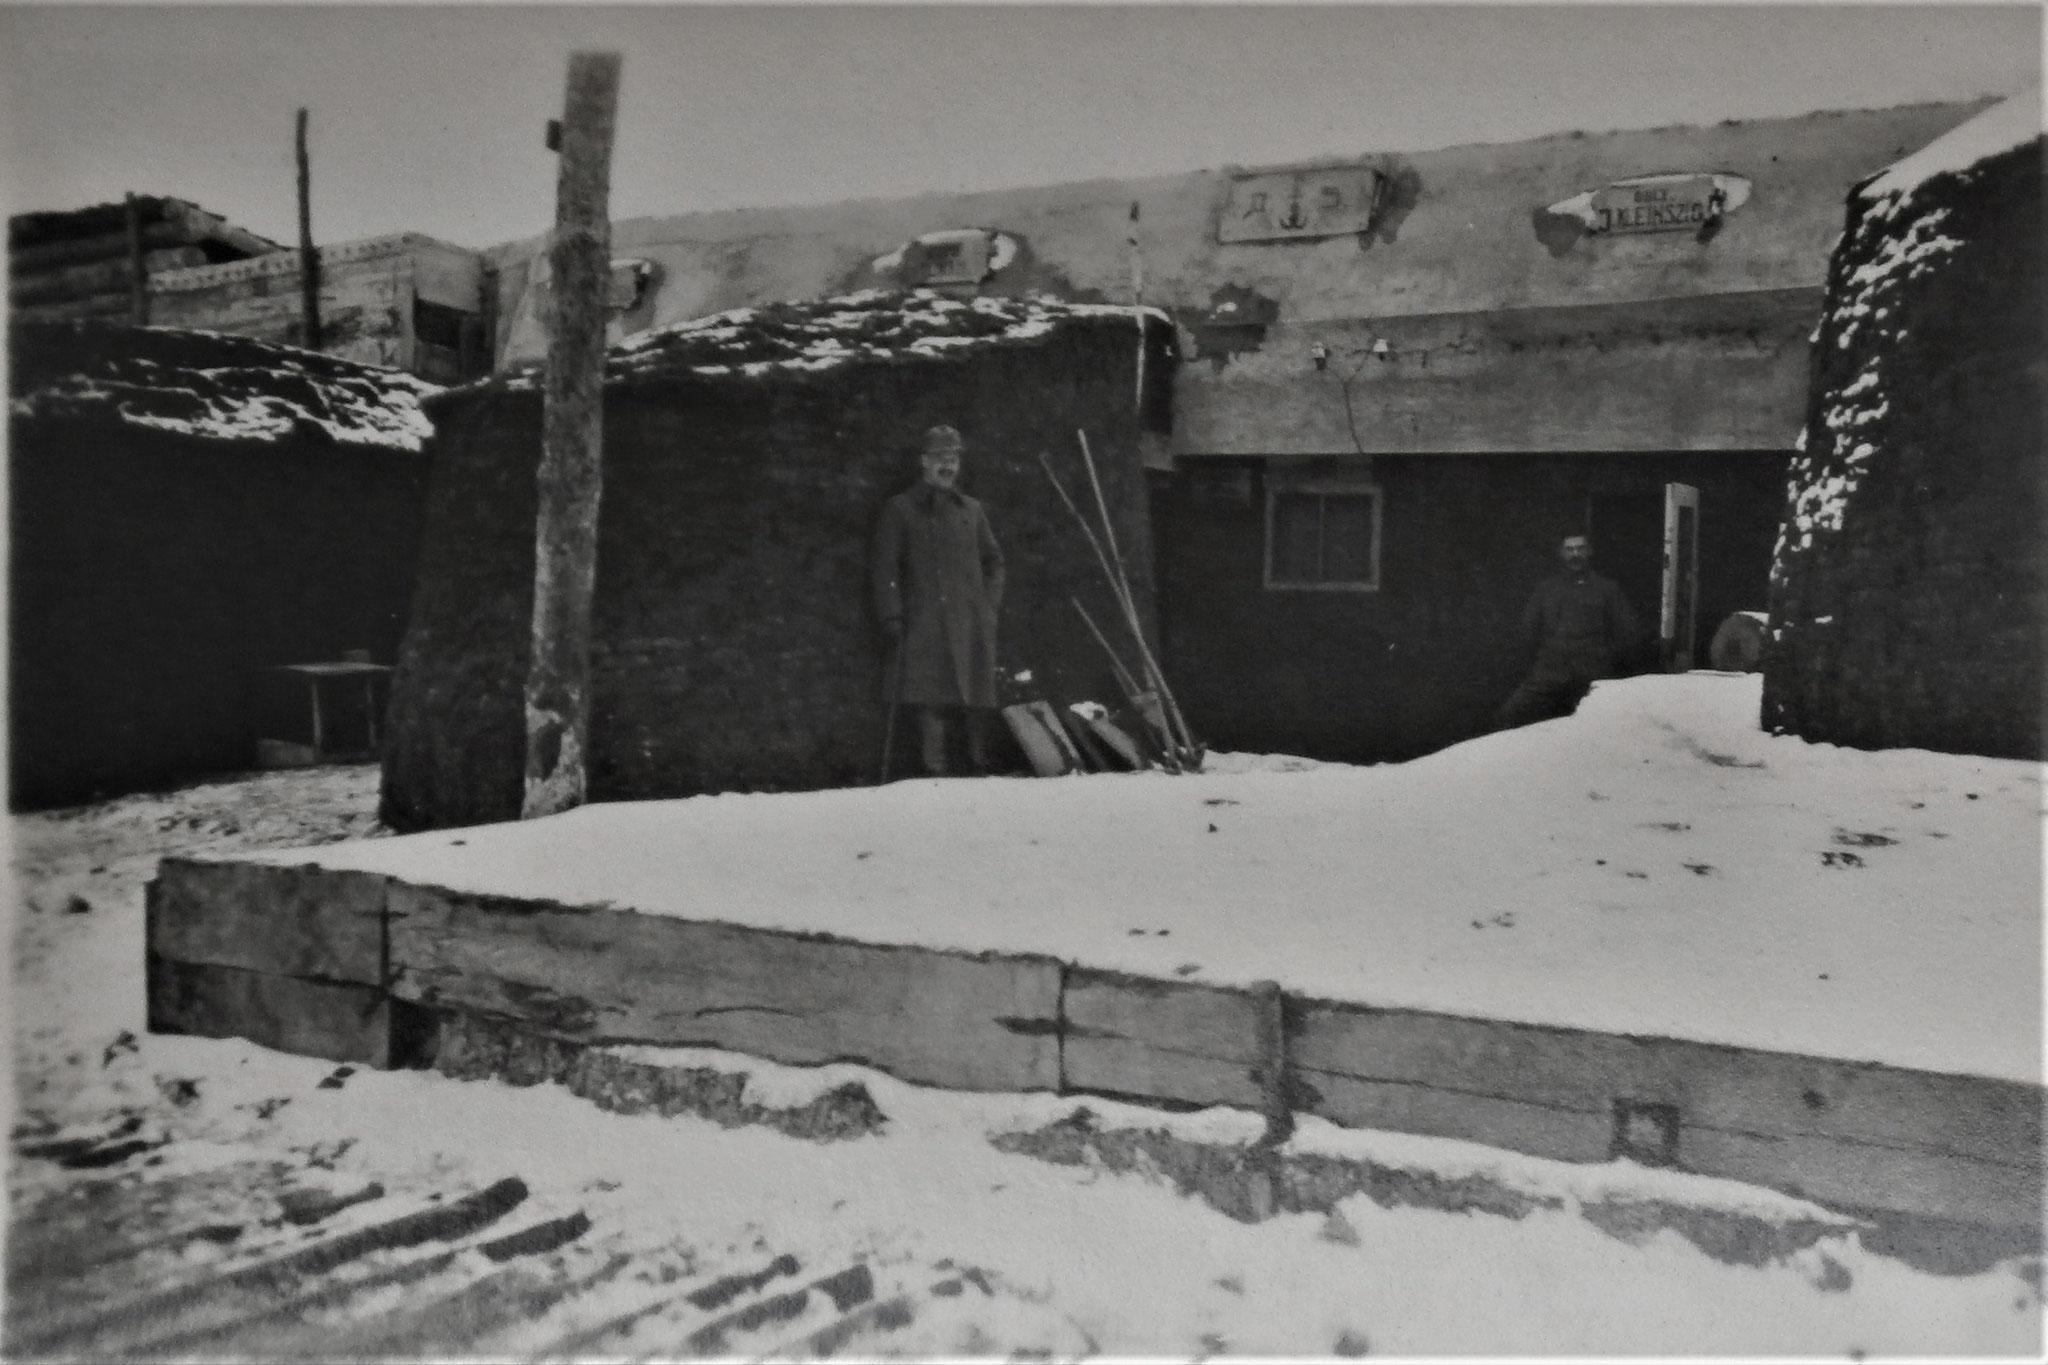 Winter 1917-18 RgtKdo Wysocko, verm Kleinszig.